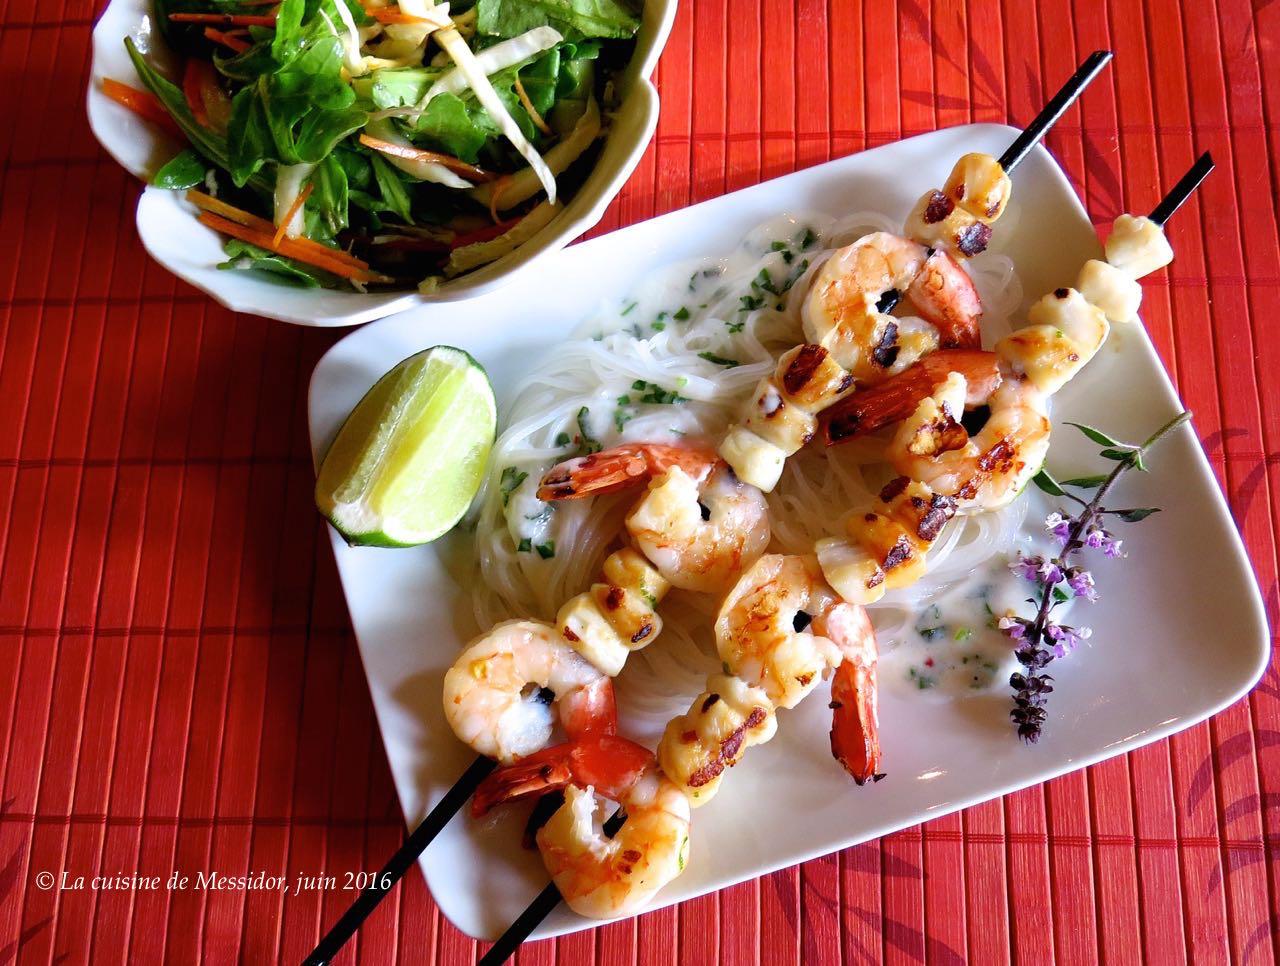 La cuisine de messidor repas de crevettes la tha landaise for Repas de cuisine